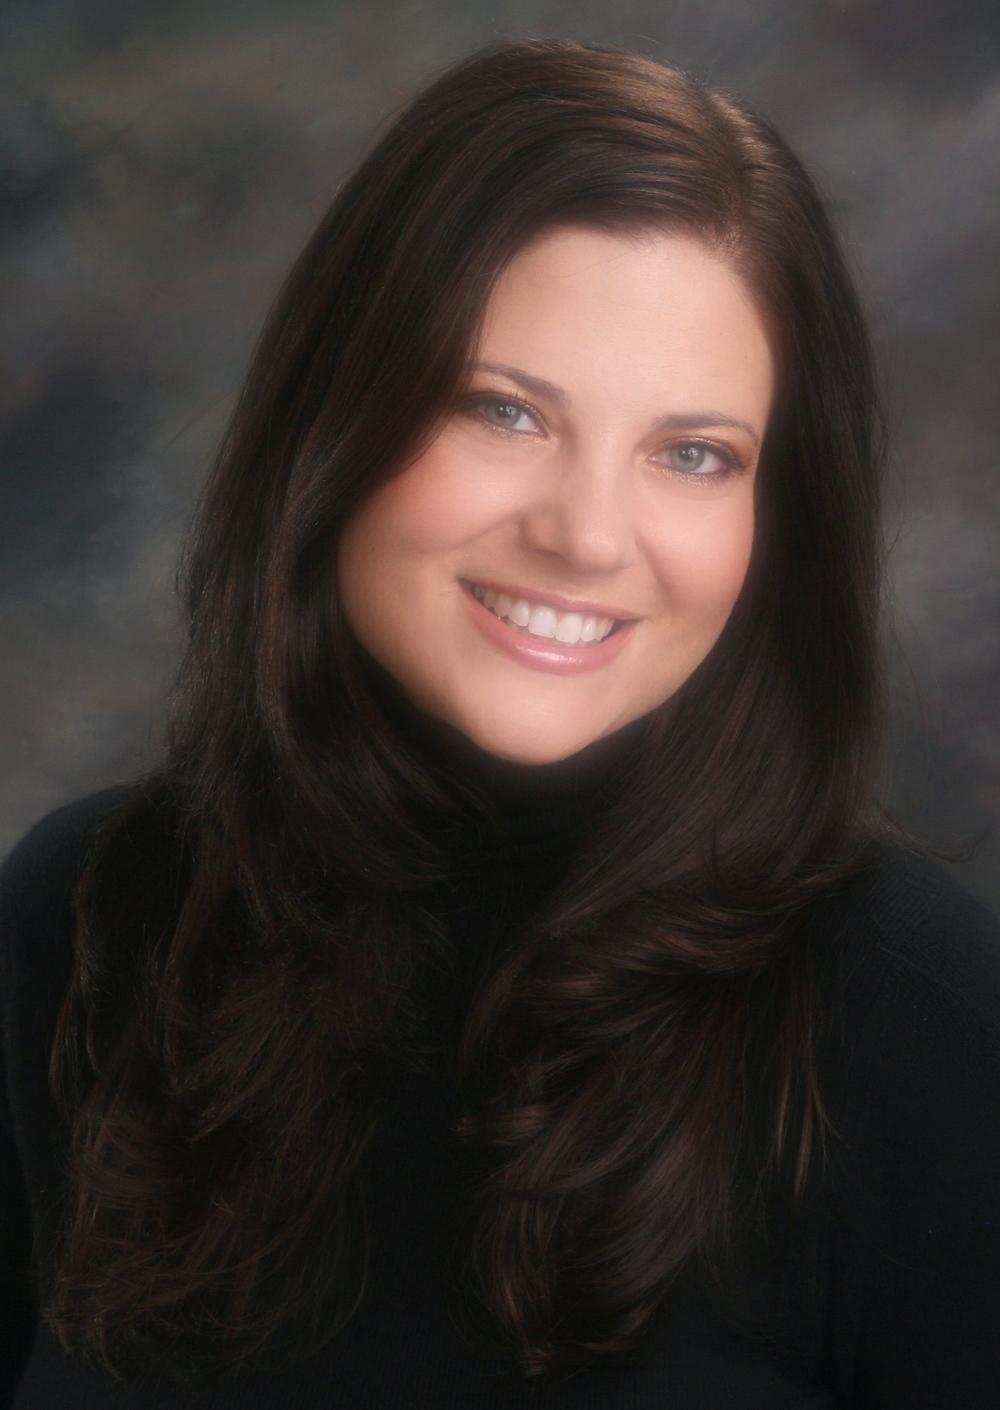 Alyssa Lahham